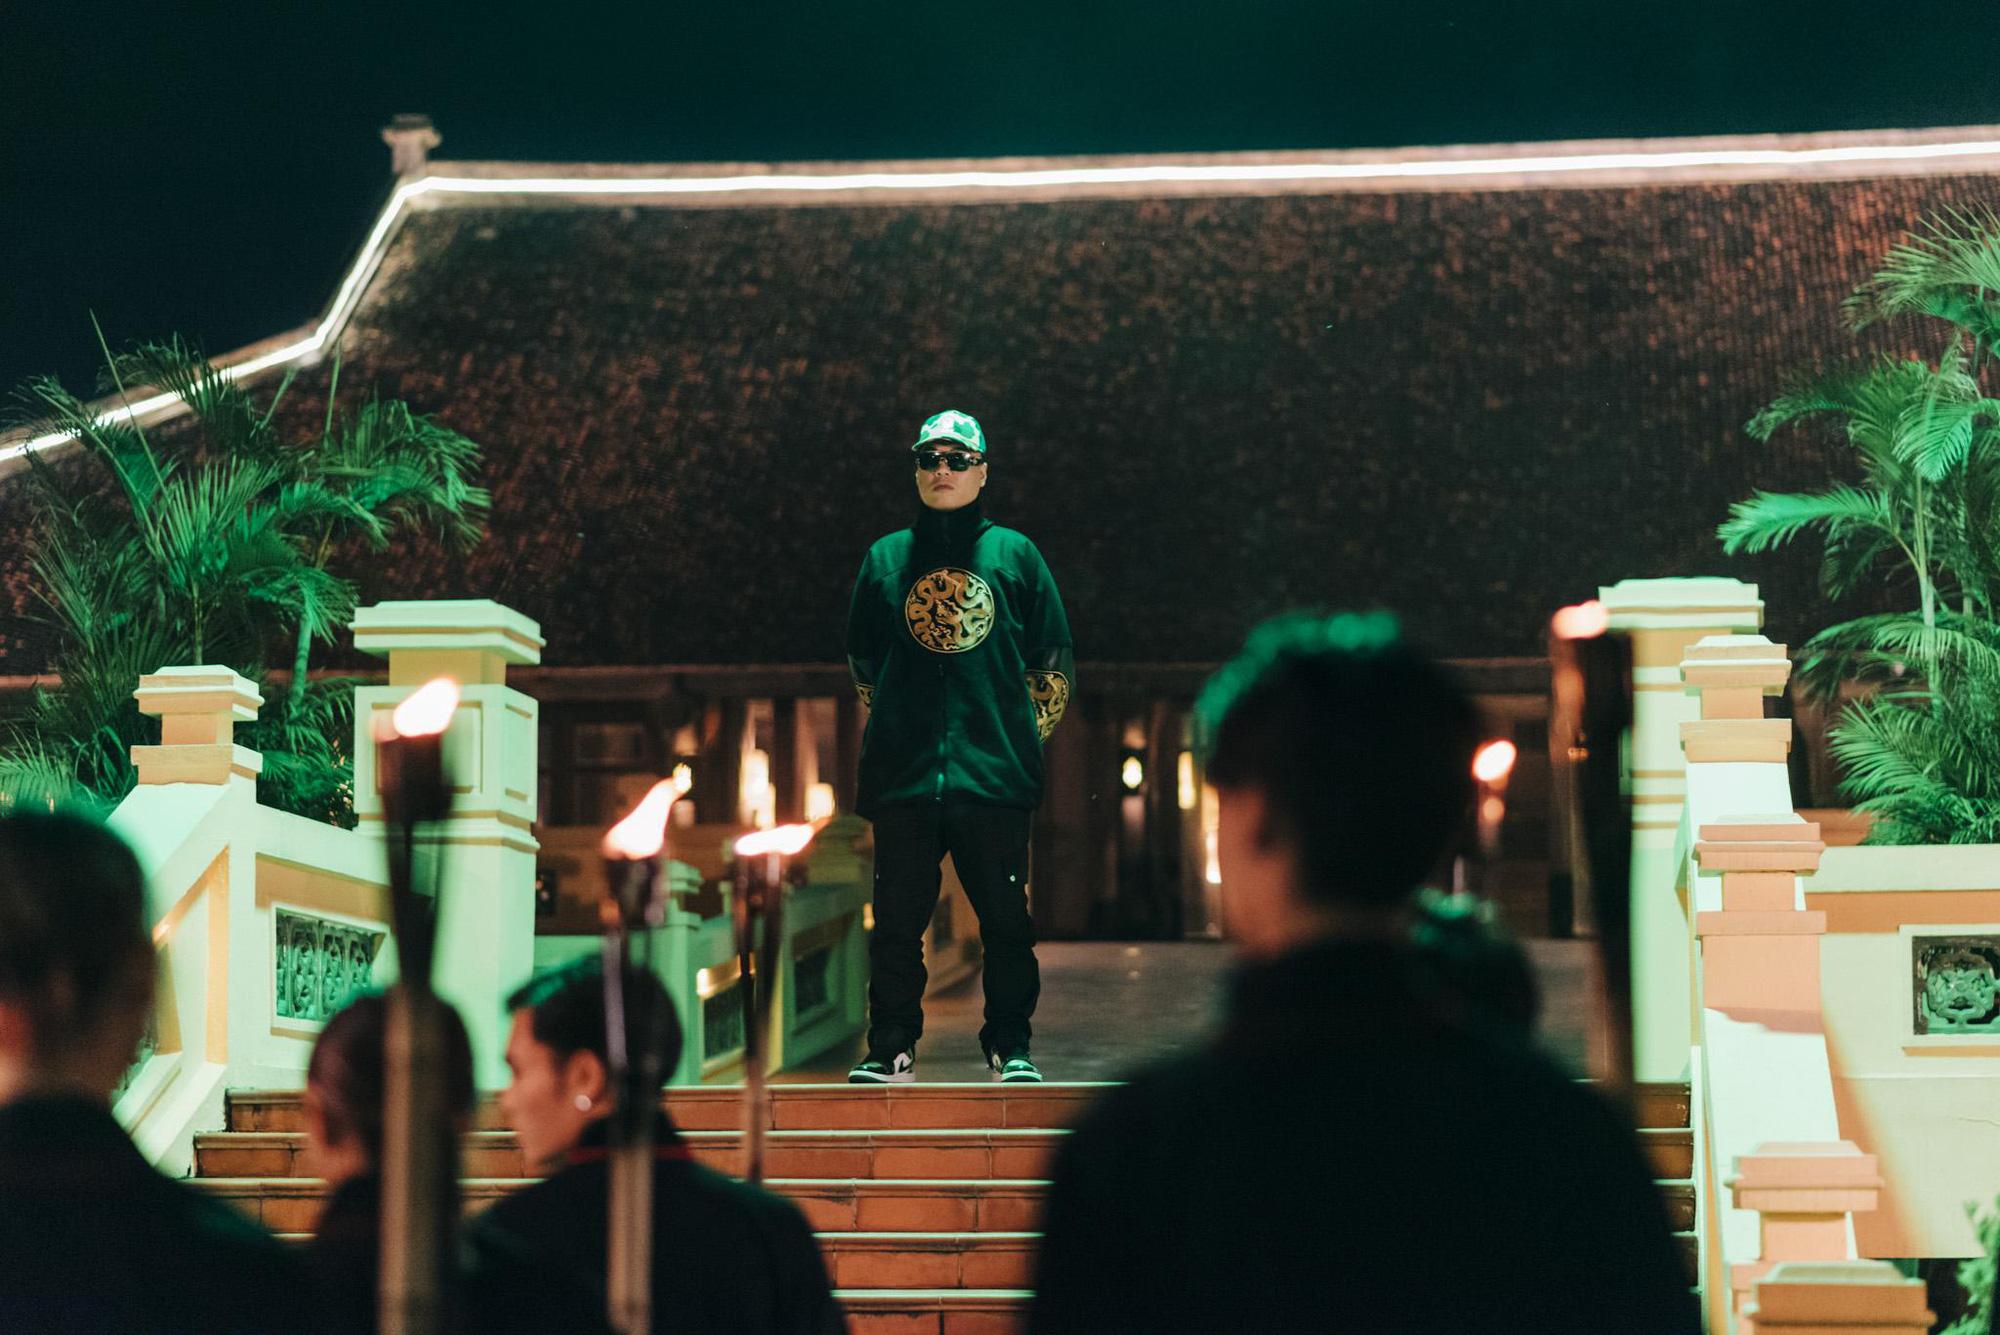 Bình Gold, LOCOBoiz khuấy đảo cộng đồng rap Việt khi mặc cổ phục, độ xe rồng trong MV rap ca trù mới - Ảnh 3.